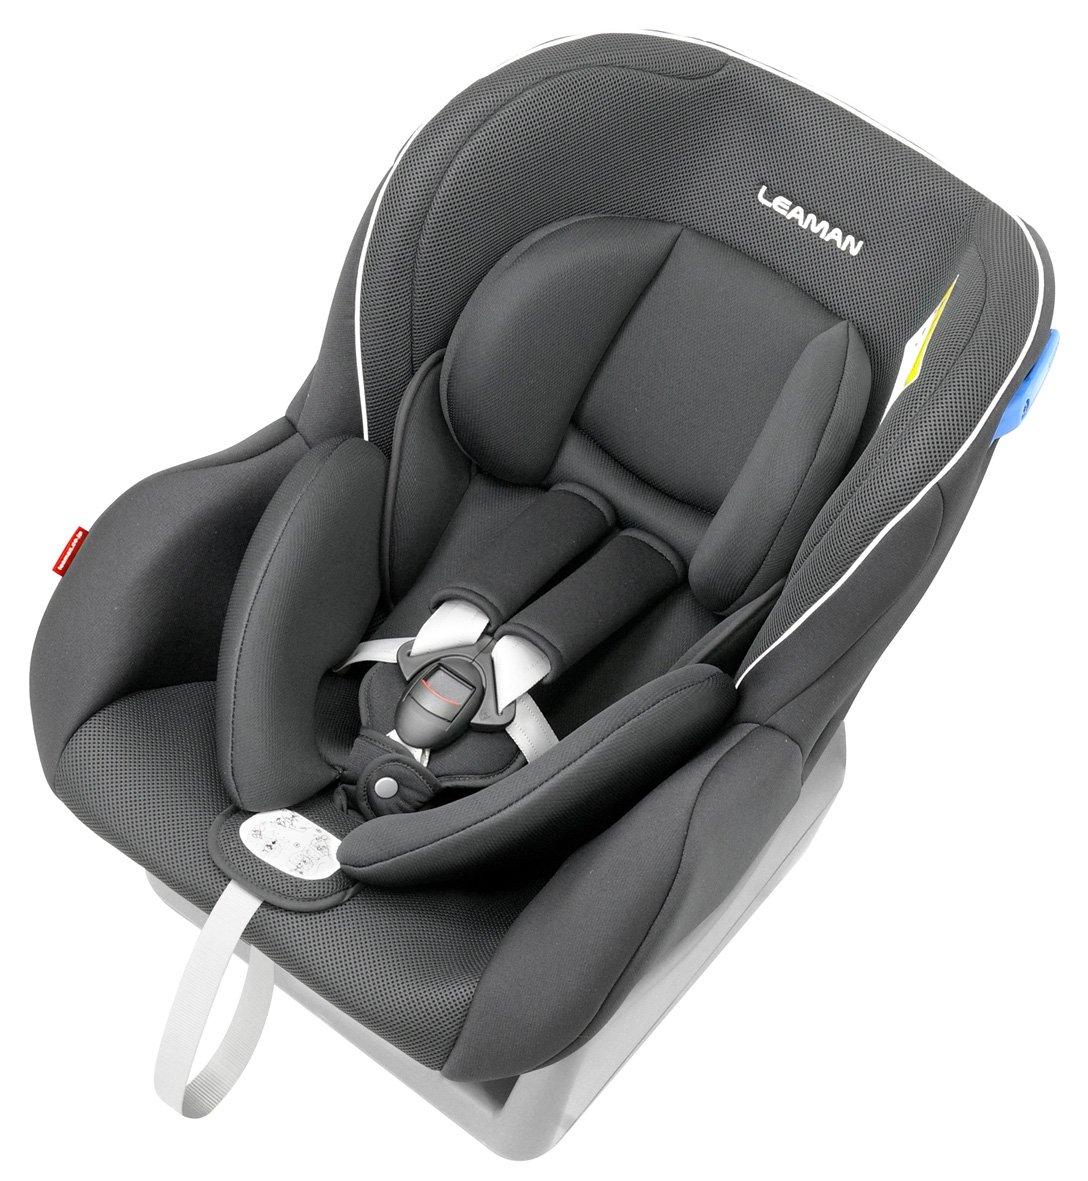 リーマン 新生児対応チャイルドシート ソシエIII ピュアブラック リーマン77914  ピュアブラック B00CY0QU1M